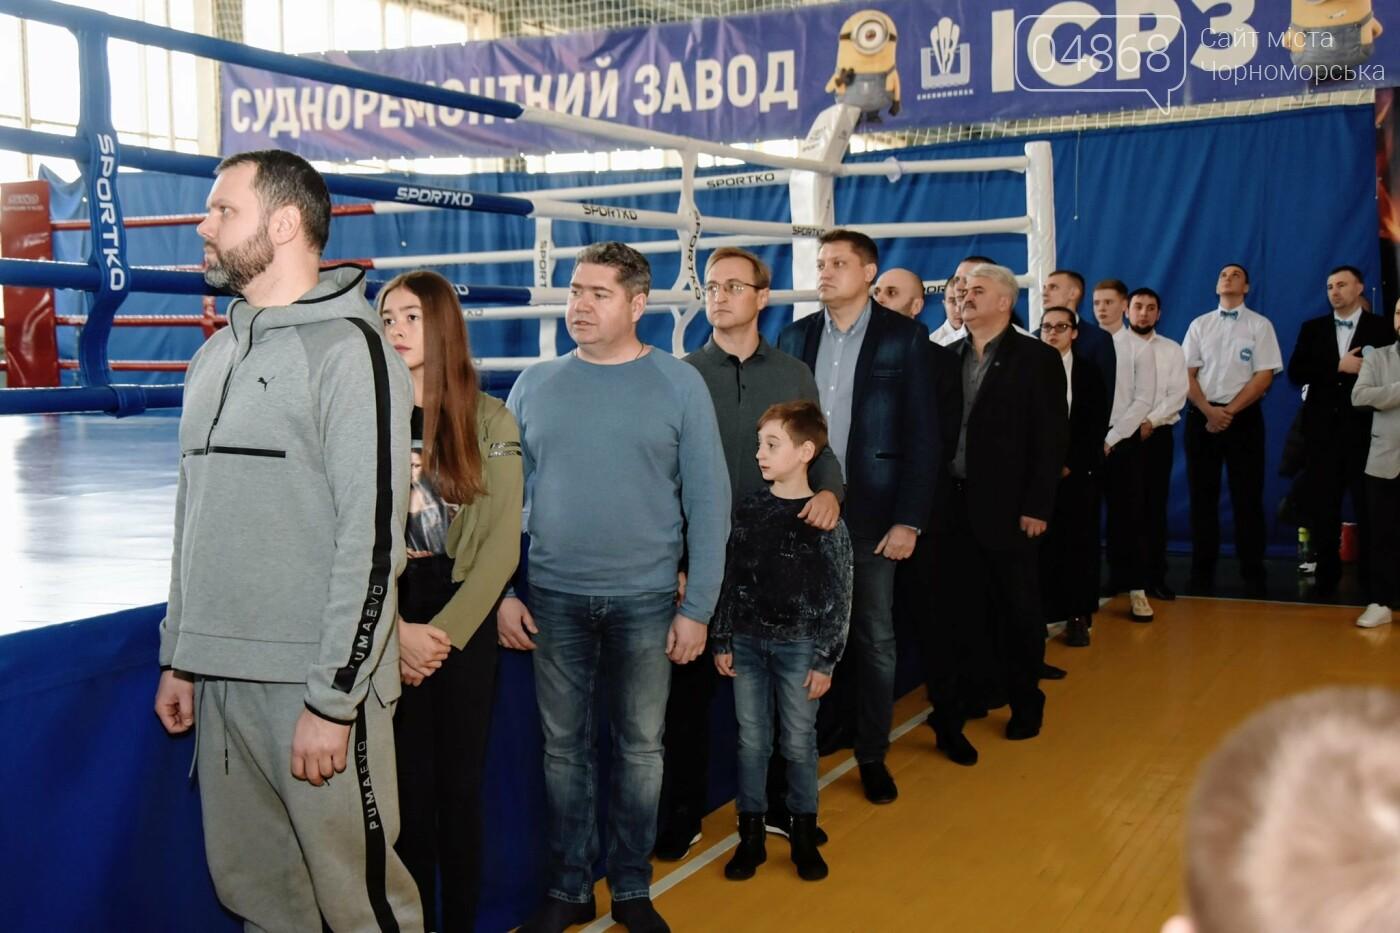 За золотом: в Черноморске прошёл турнир по кикбоксингу (видео), фото-4